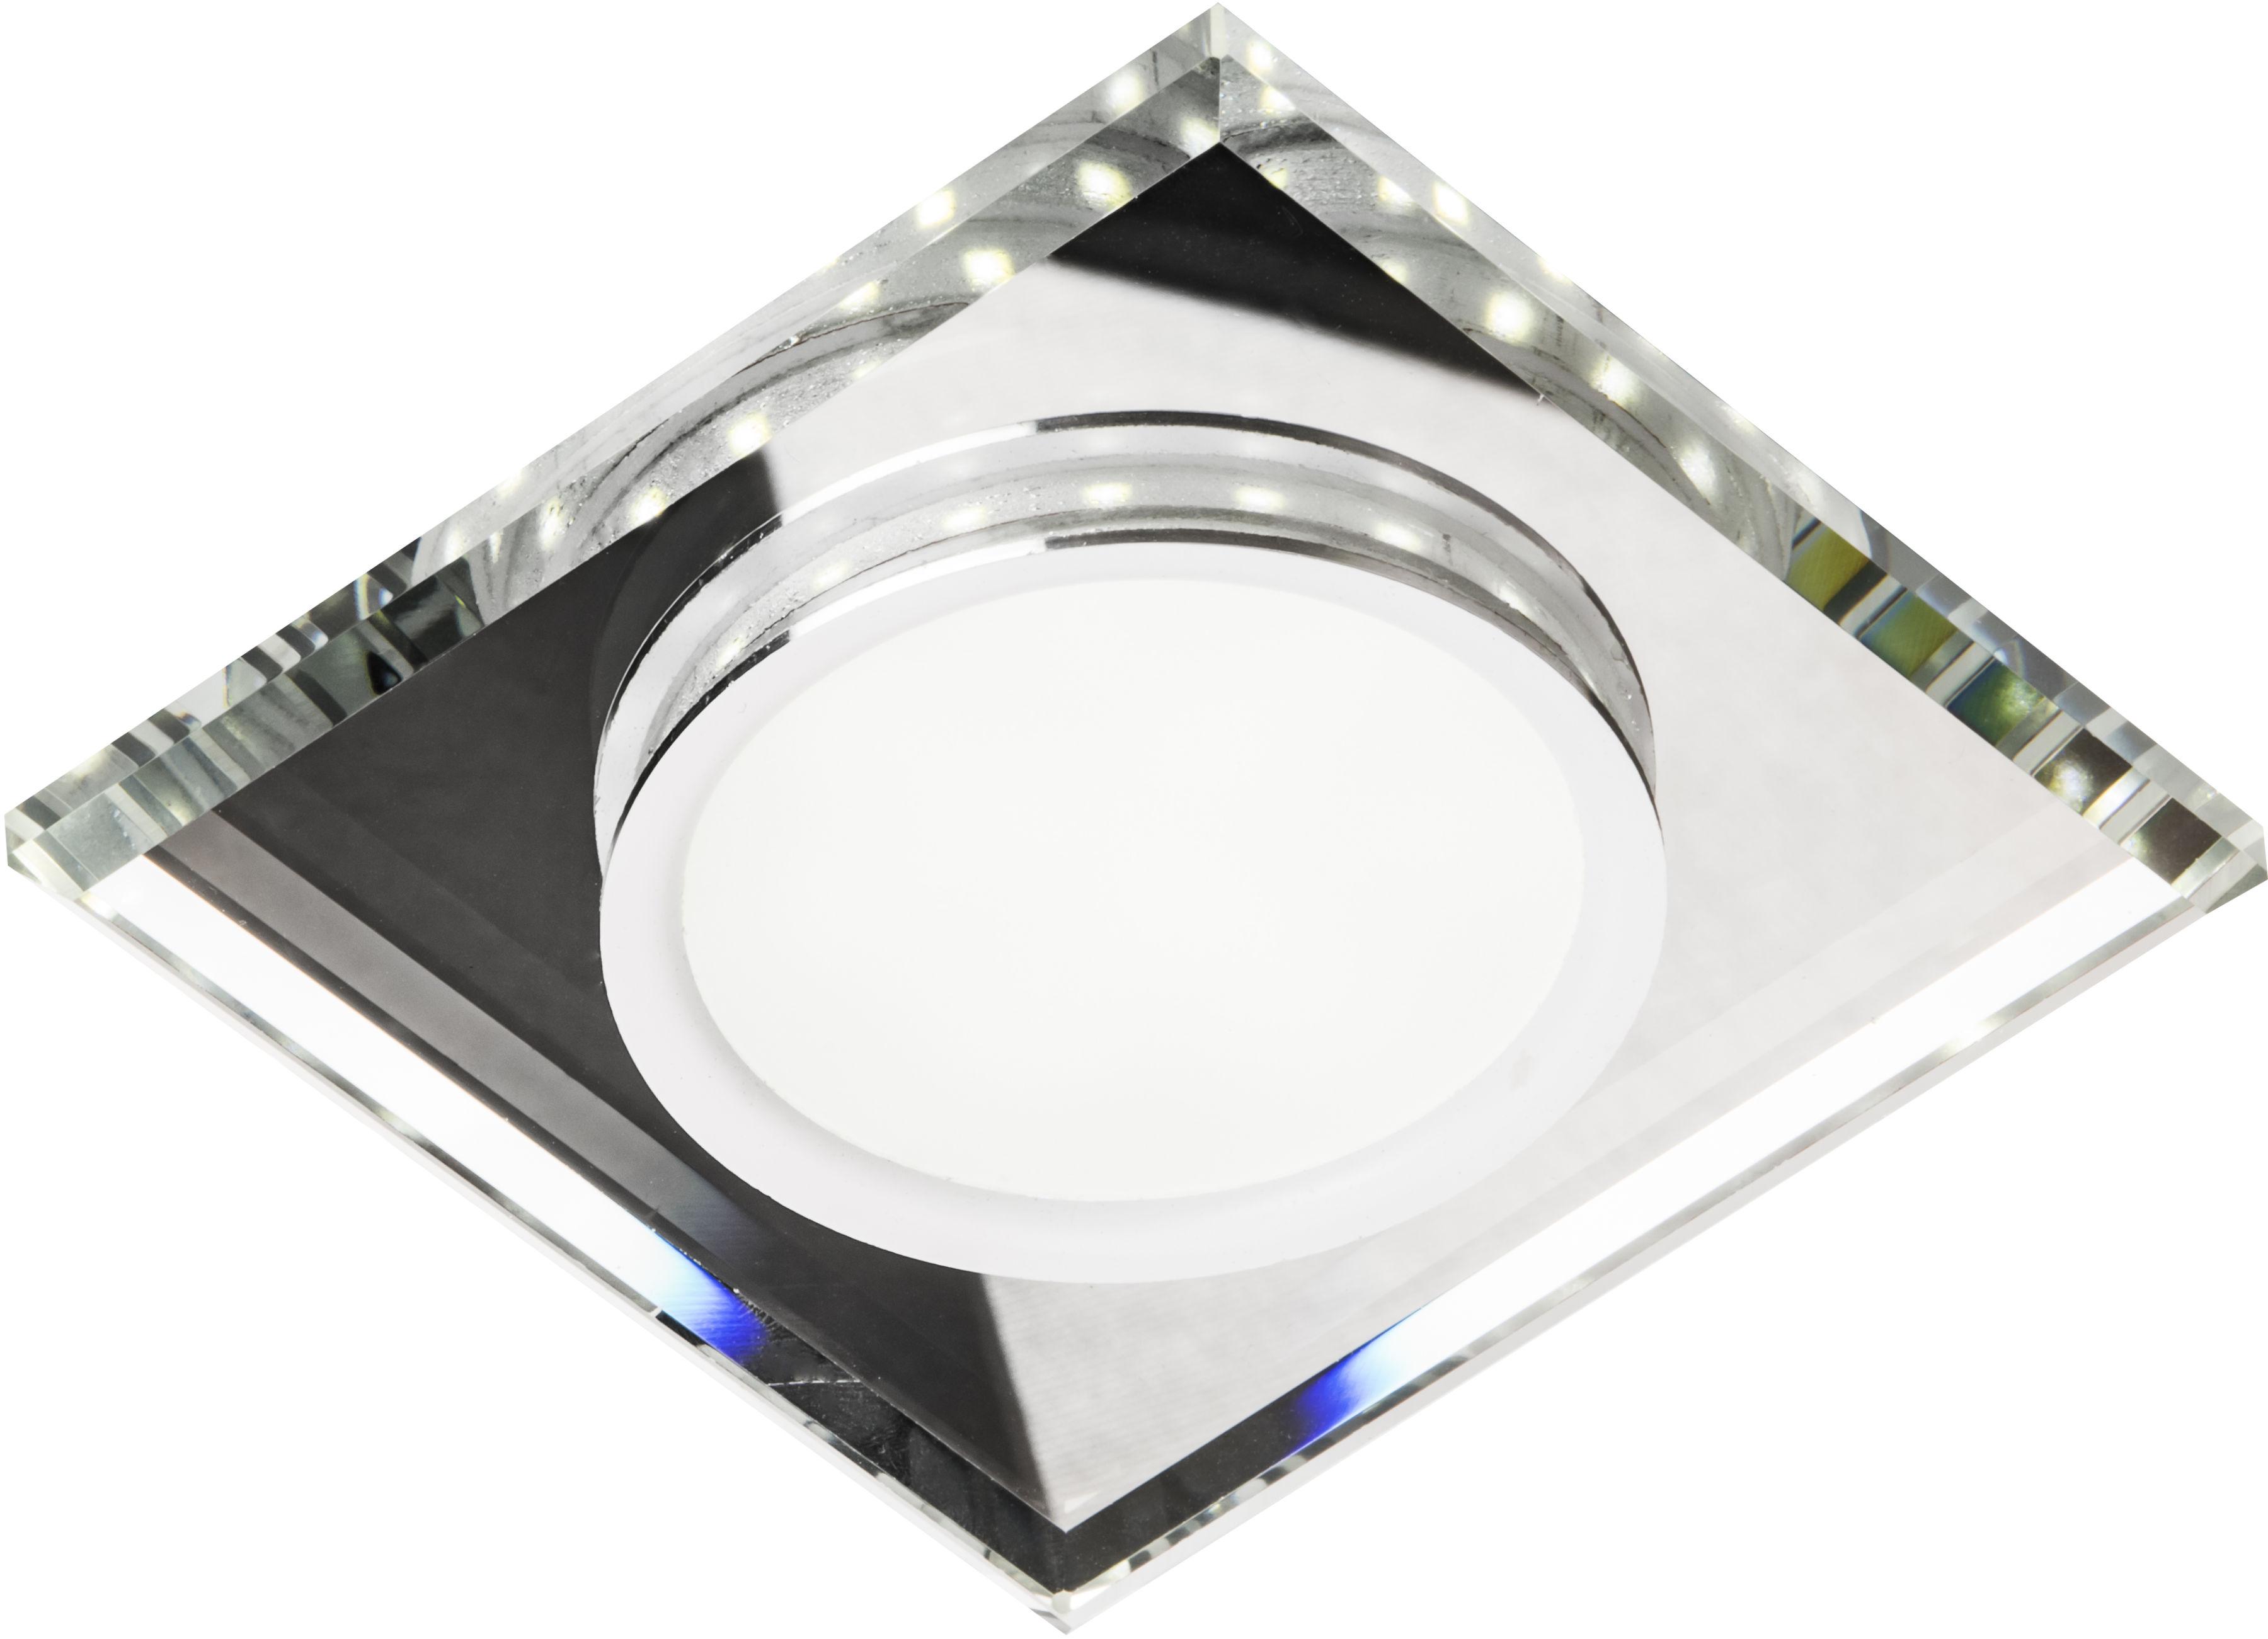 Candellux SSP-22 CH/TR+WH 2263885 oprawa do wbudowania stropowa biały 8W LED 230V RING LED oczko sufitowe kwadratowa szkło transparentne 11,2cm